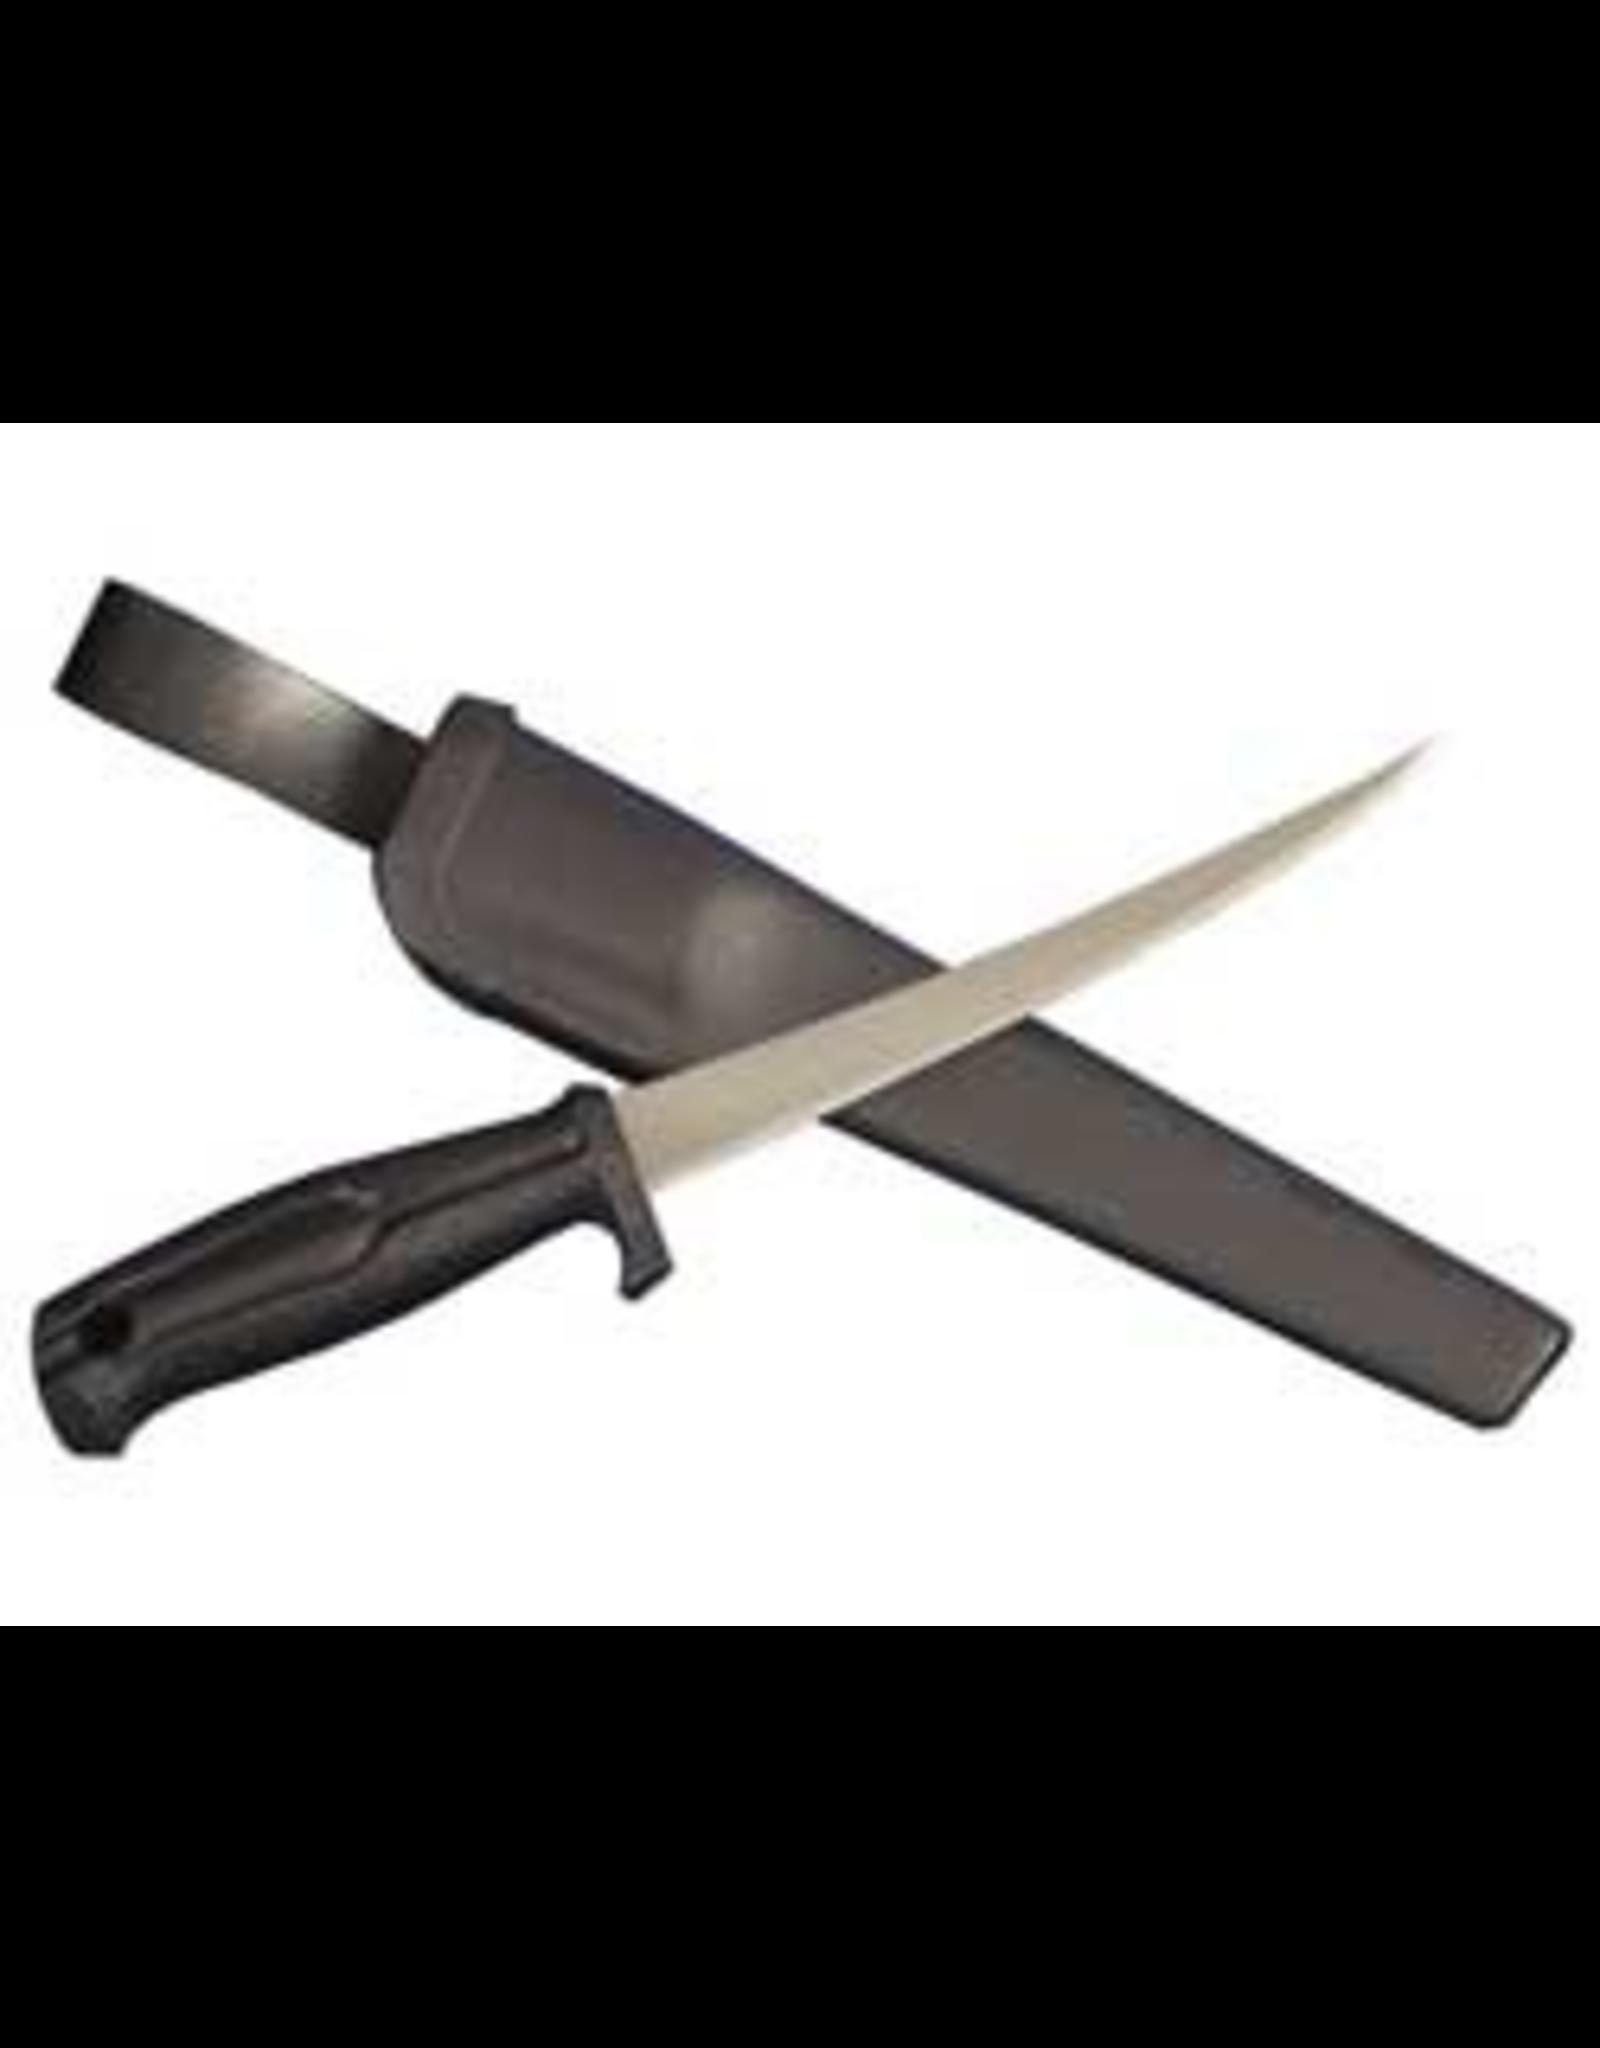 Promar Promar Filet Knife